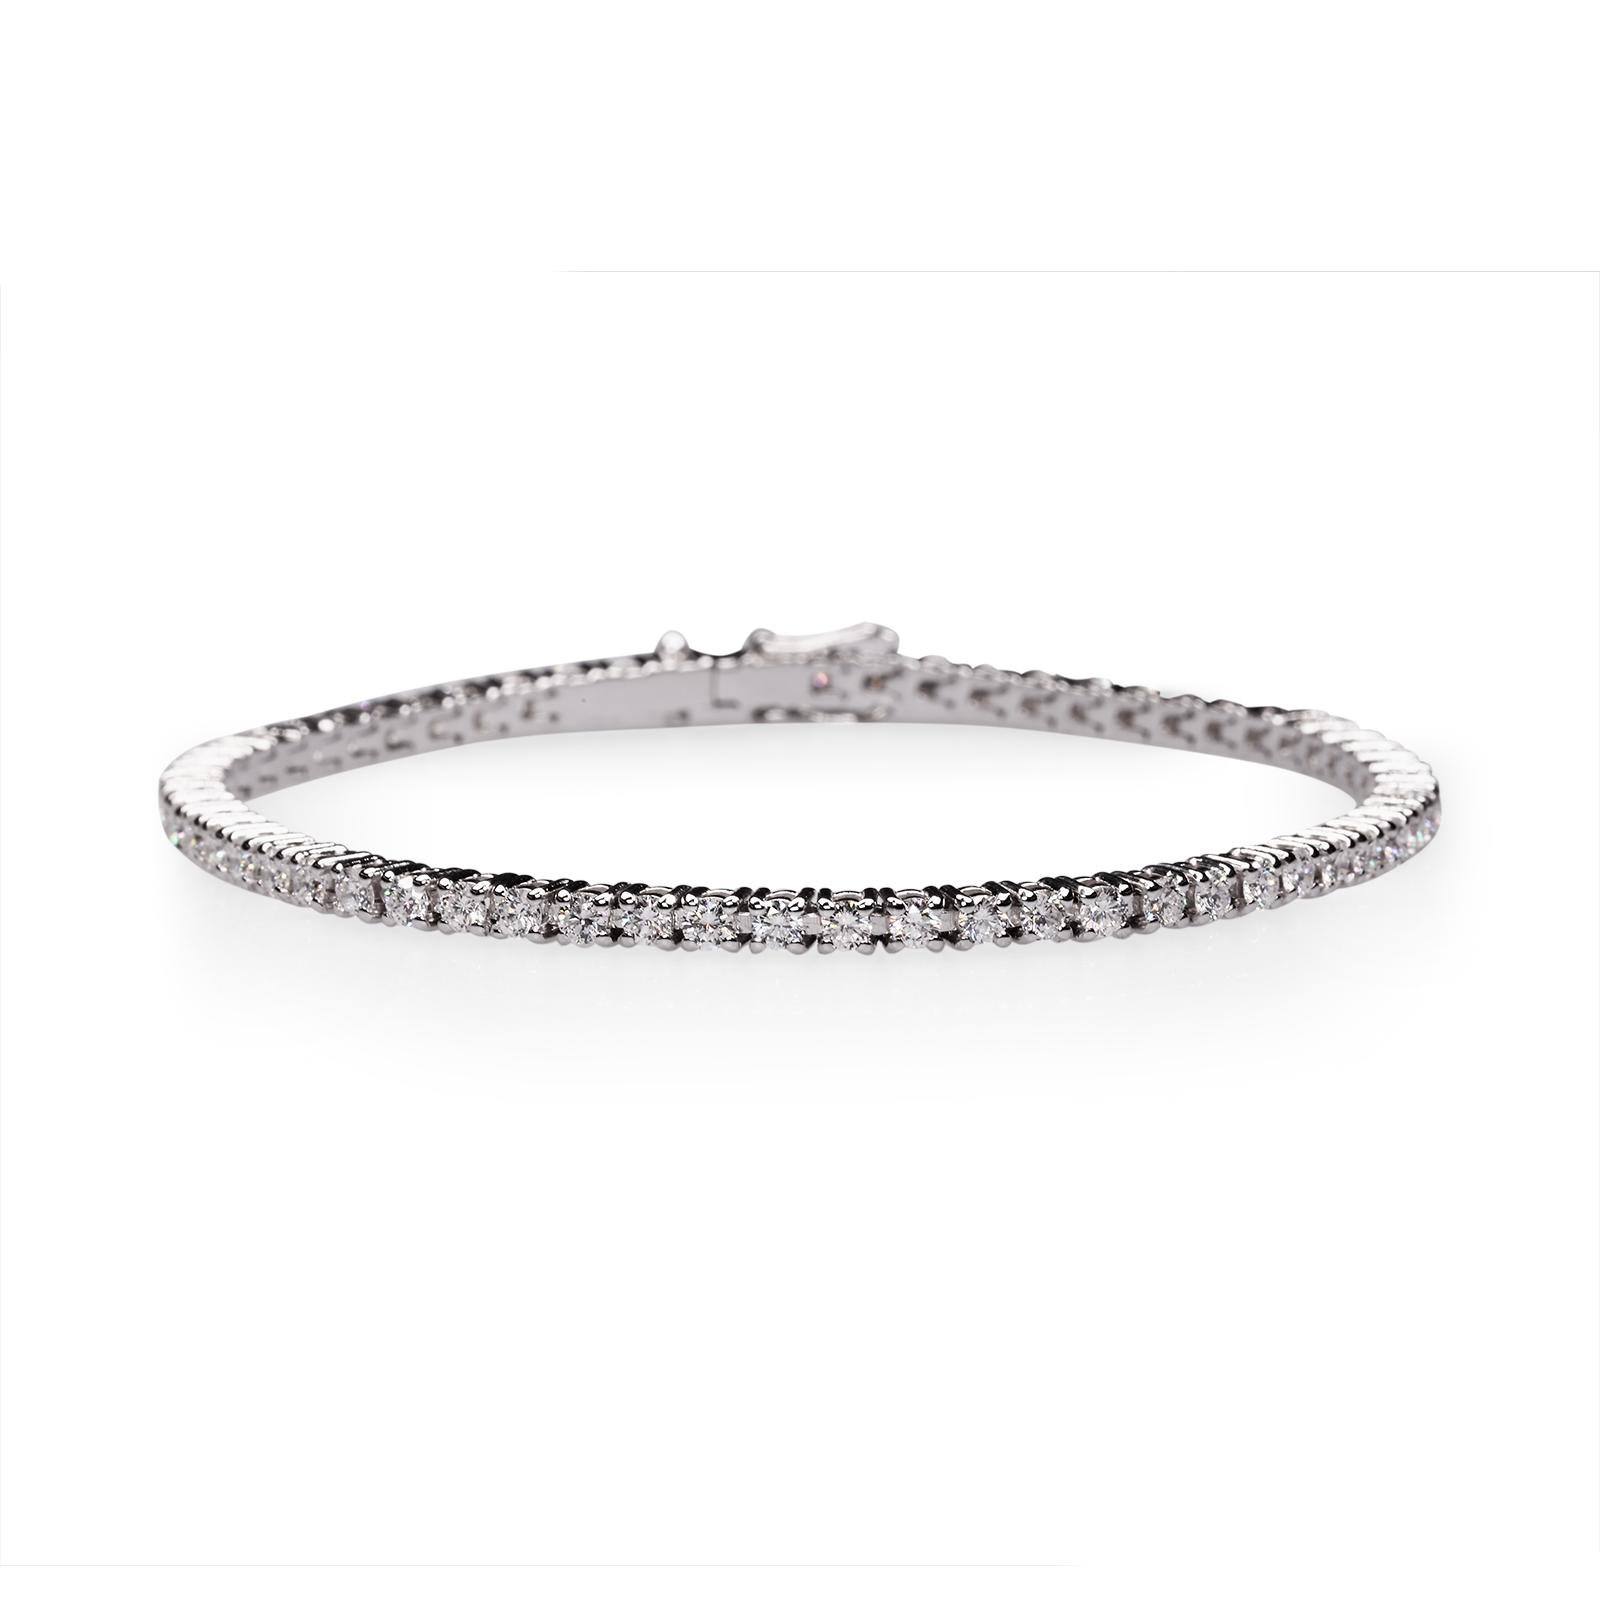 Diamant0,05 ct - 72 x